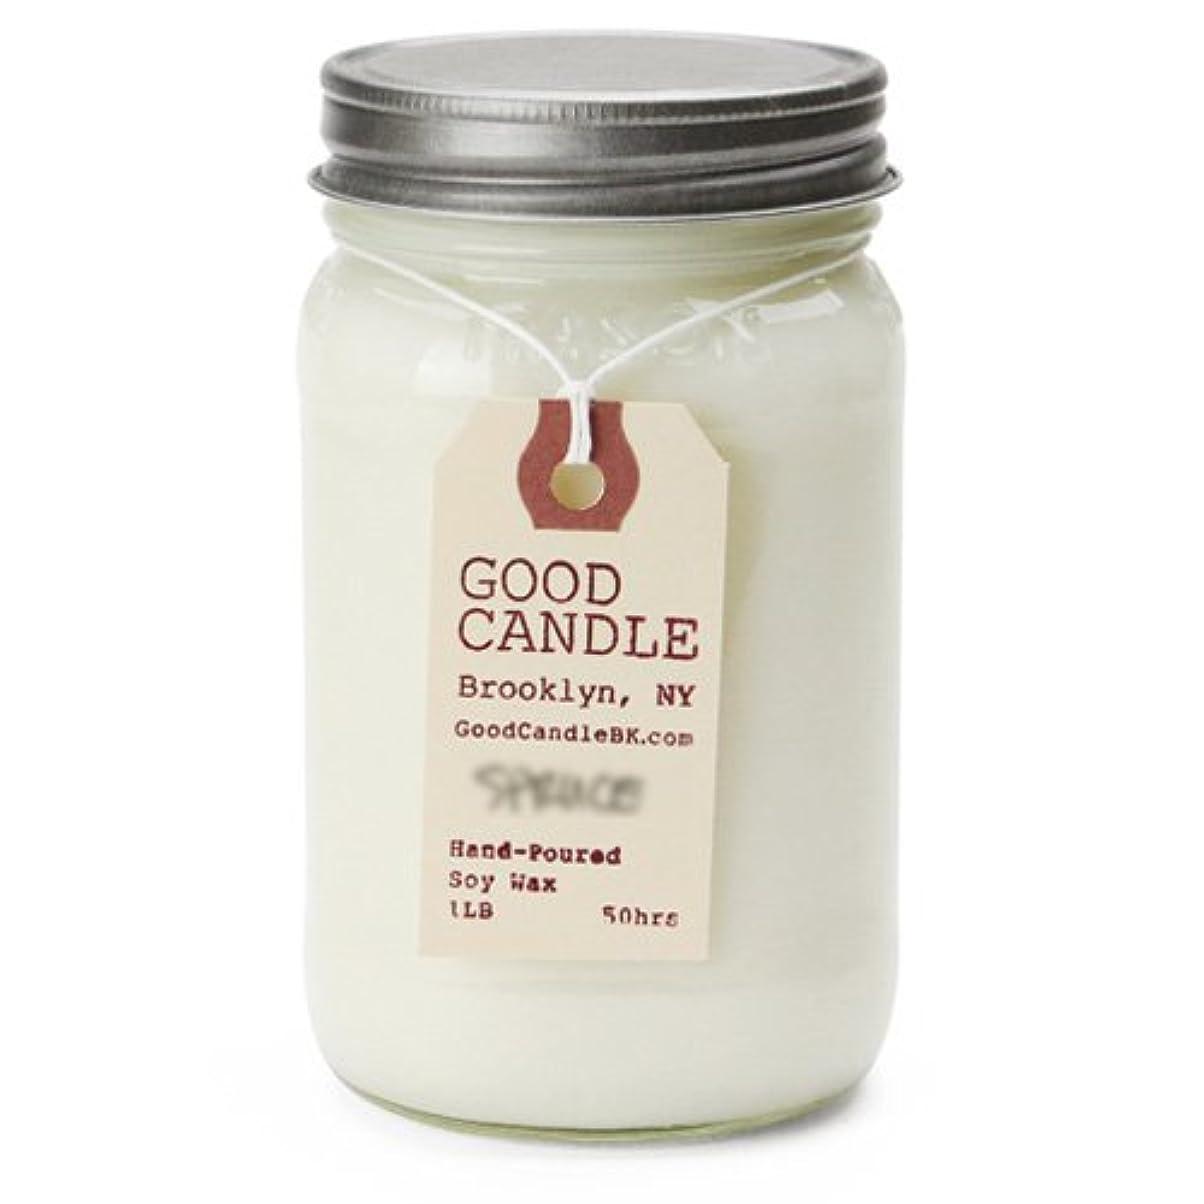 七時半無視晩ごはんグッドキャンドル 1ポンド メイソンジャー キャンドル Good Candle 1LB Mason jar candle [ bayberry ] 正規品